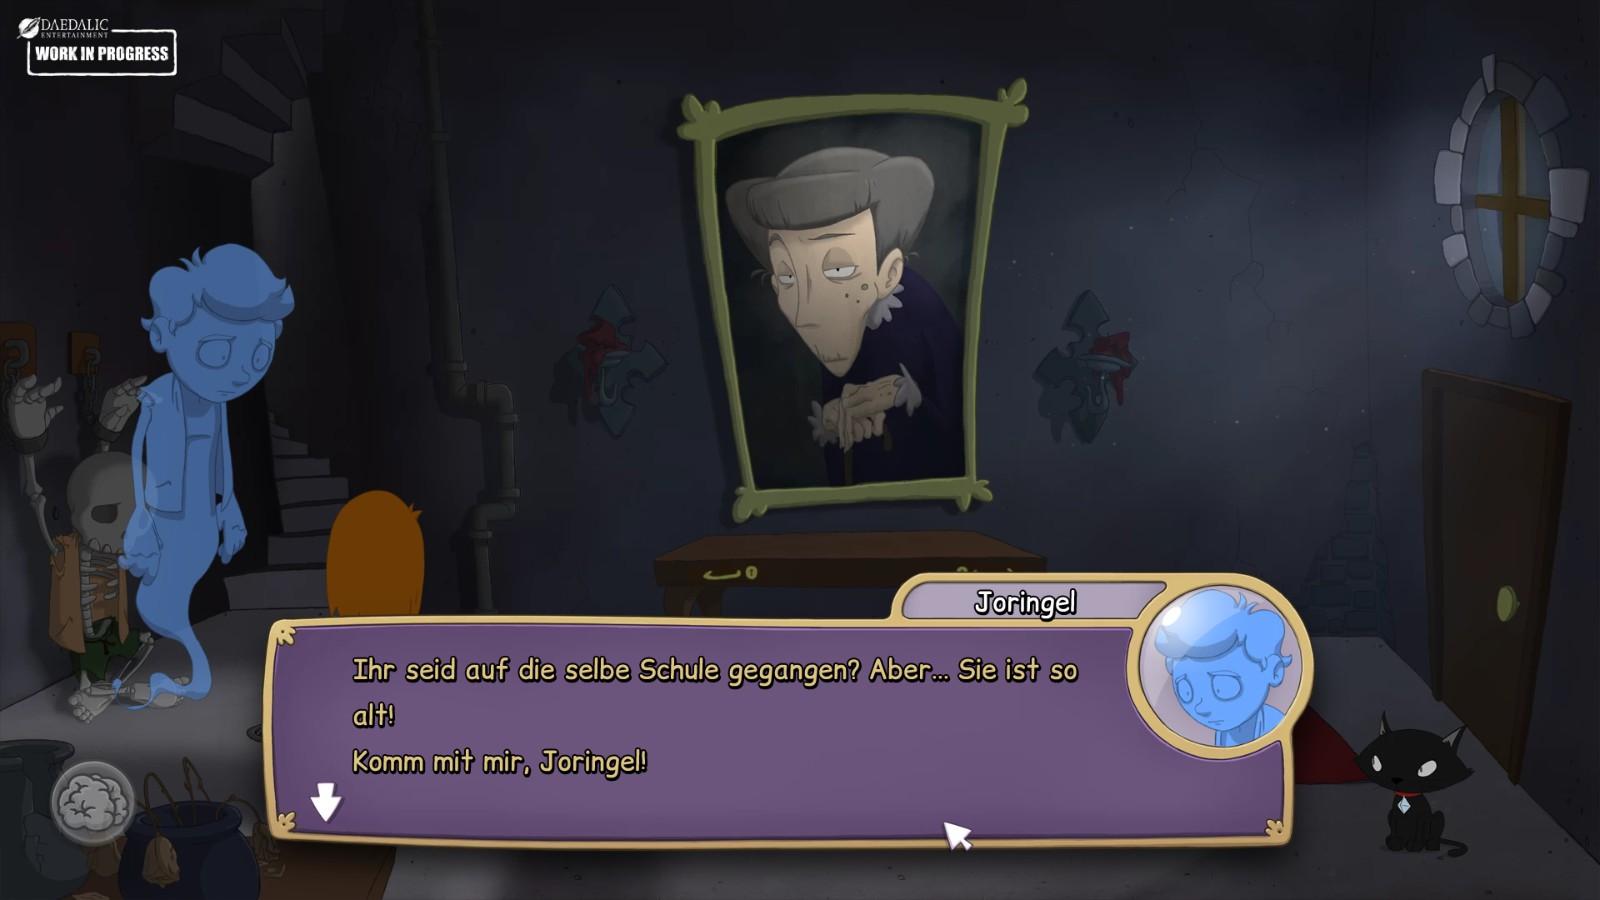 Märchenfiguren wie Joringel sind auch am Start